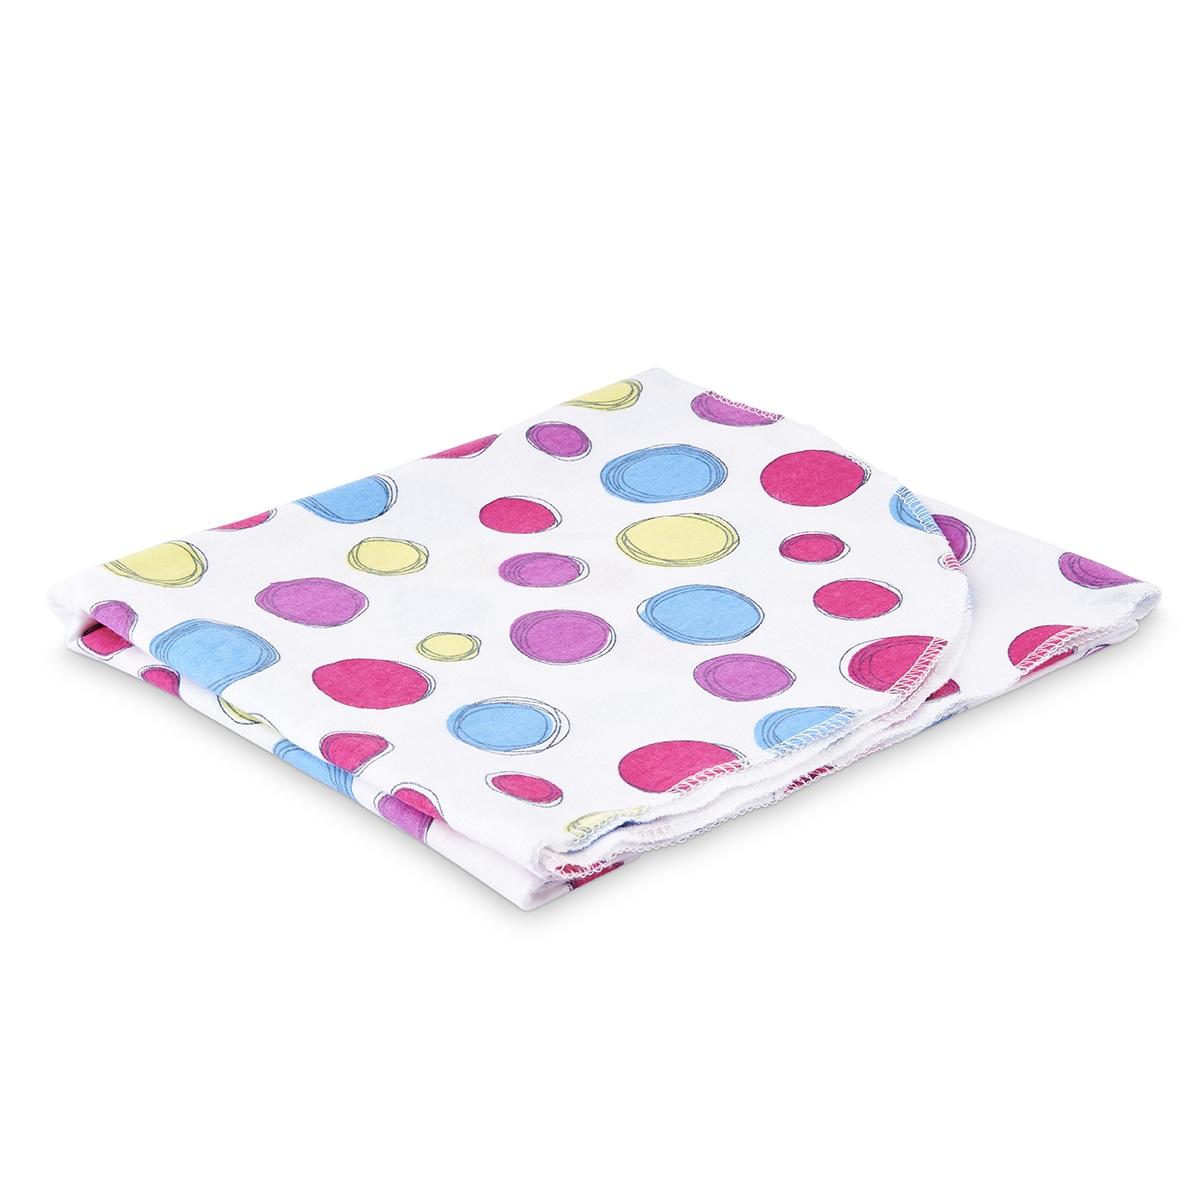 AT511_single_baby_wrap_printed_circles